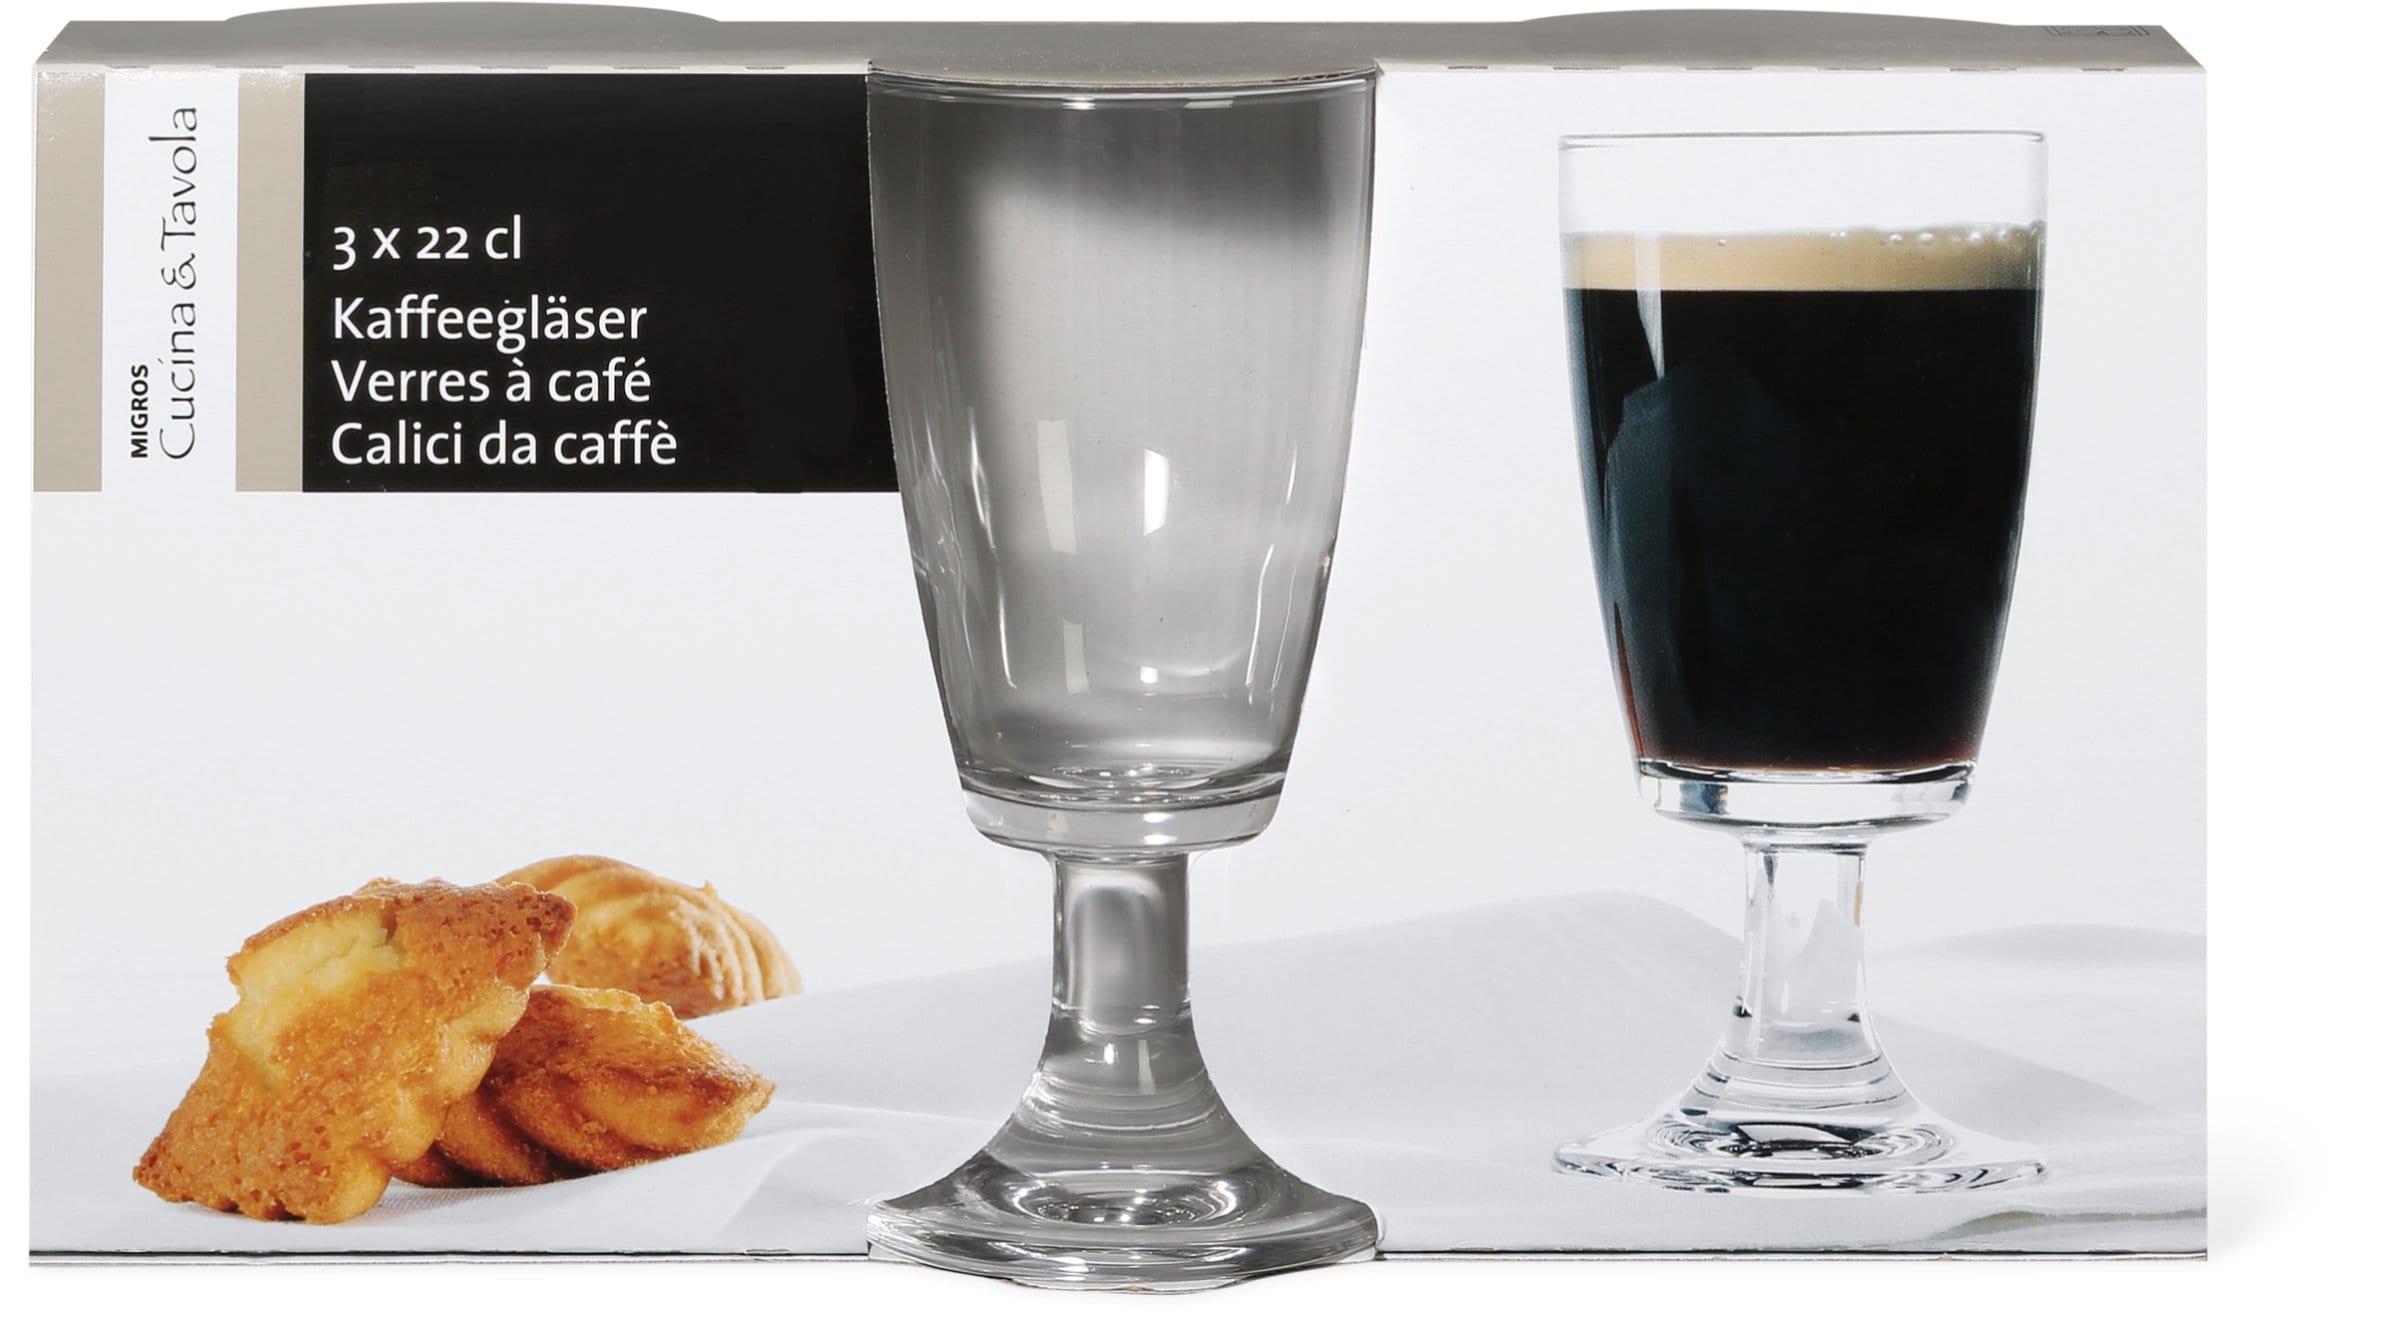 Cucina & Tavola Calici da caffé